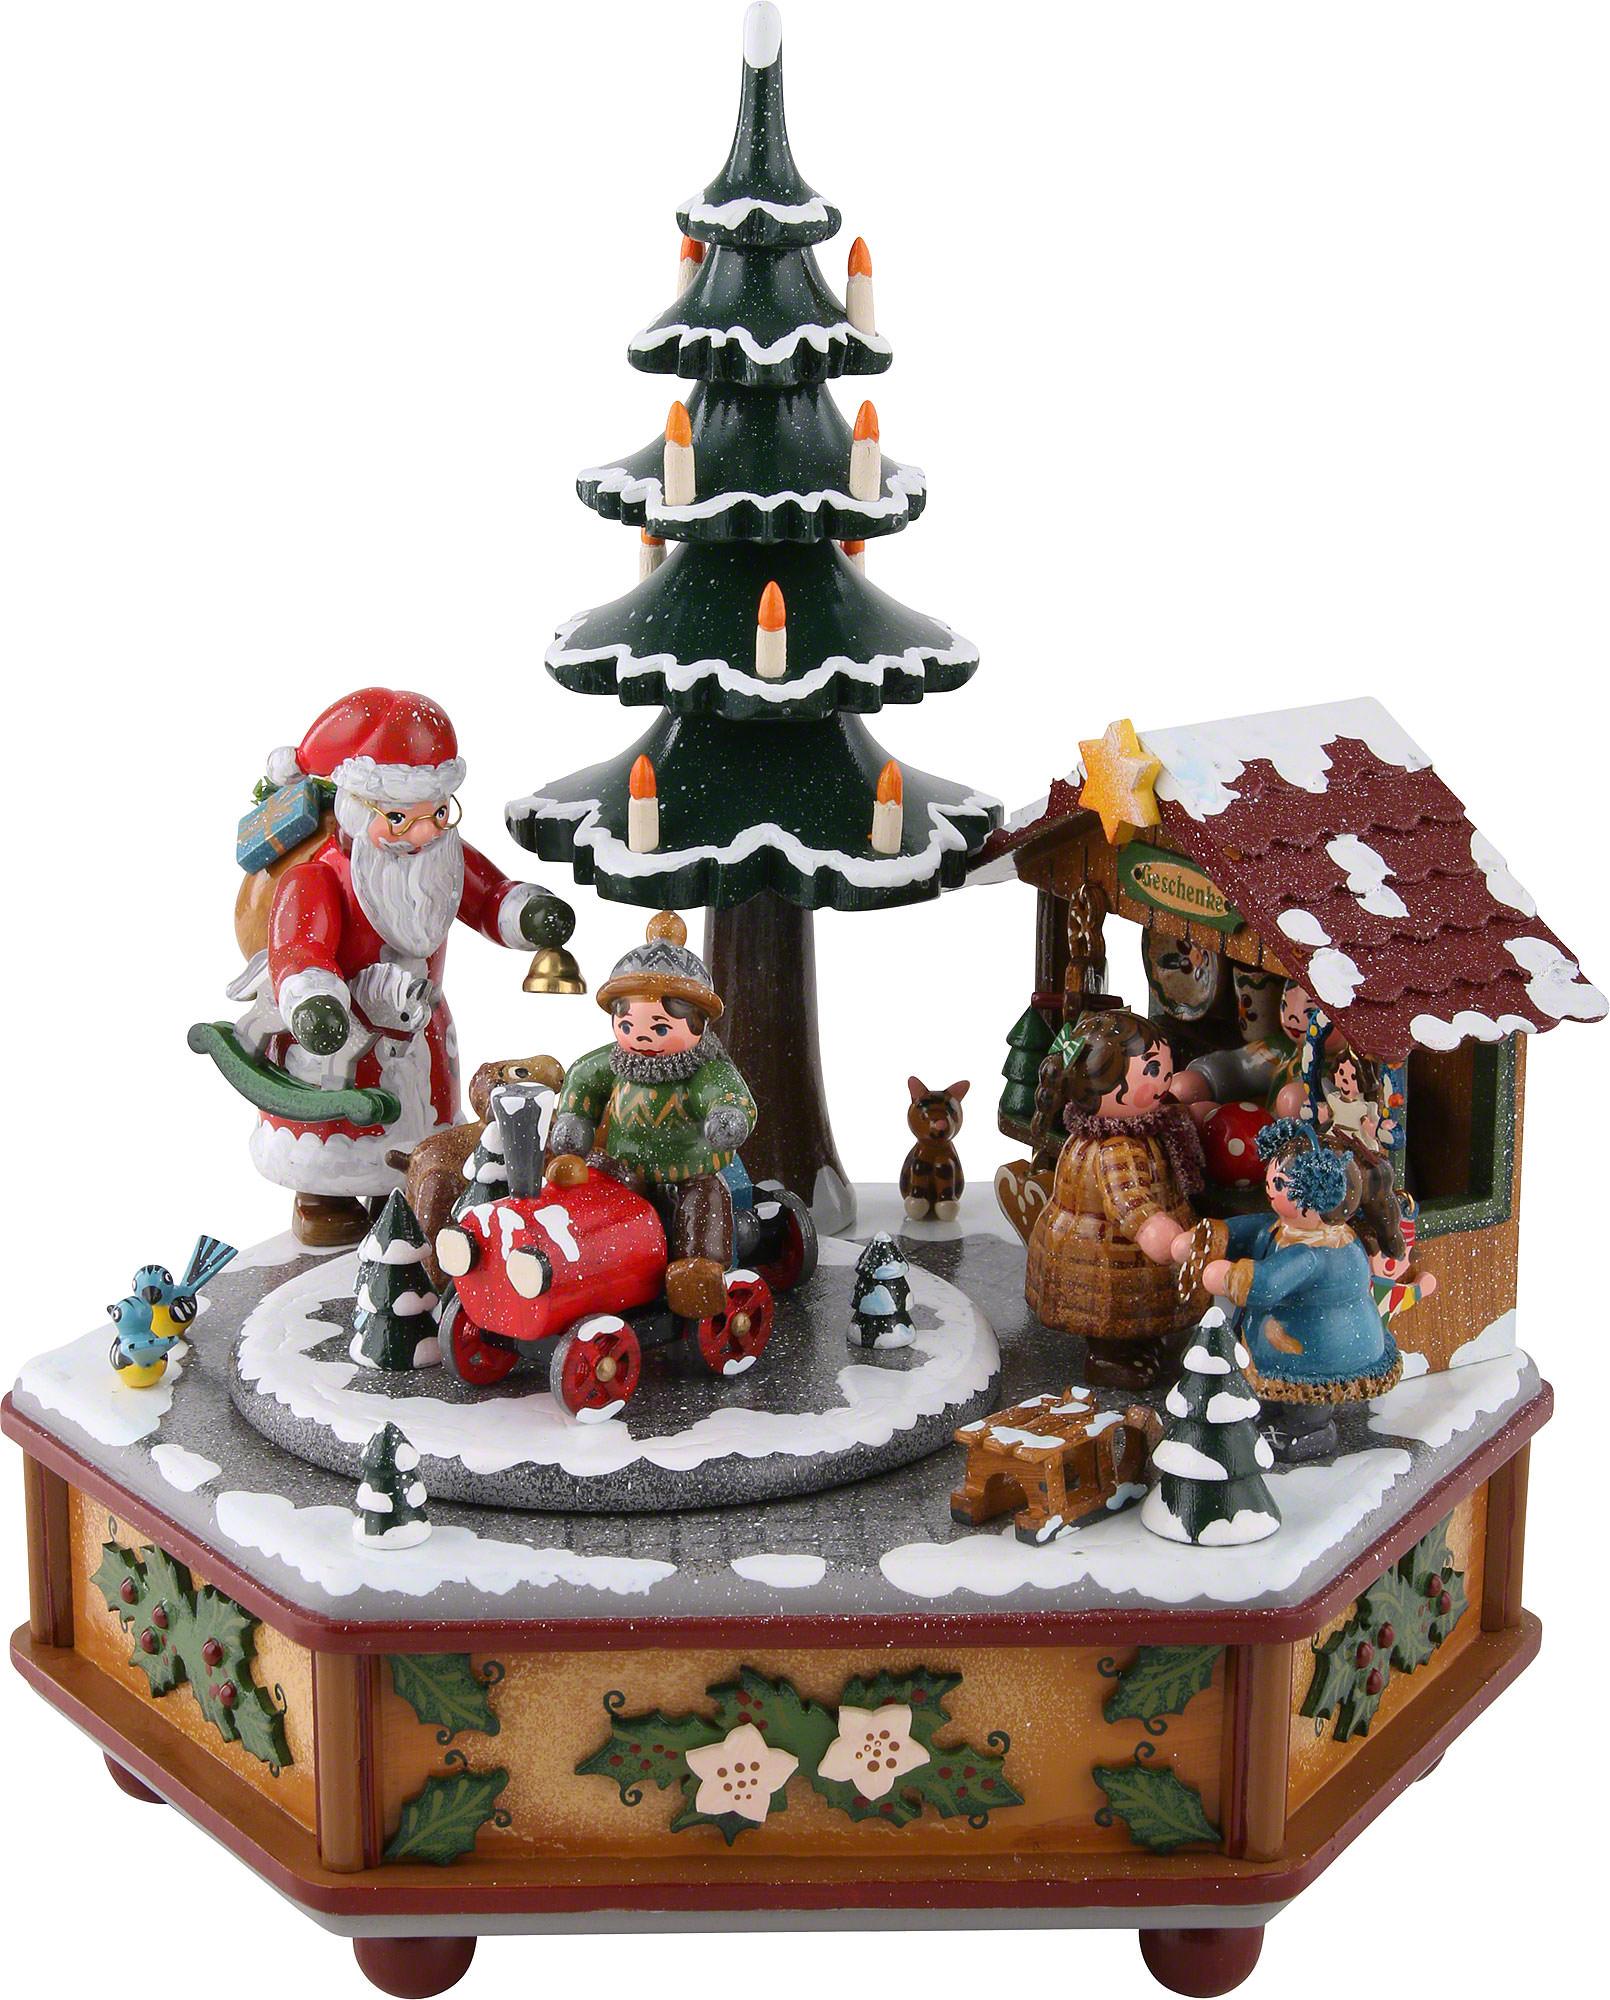 spieldose weihnachtszeit 22cm von hubrig volkskunst. Black Bedroom Furniture Sets. Home Design Ideas